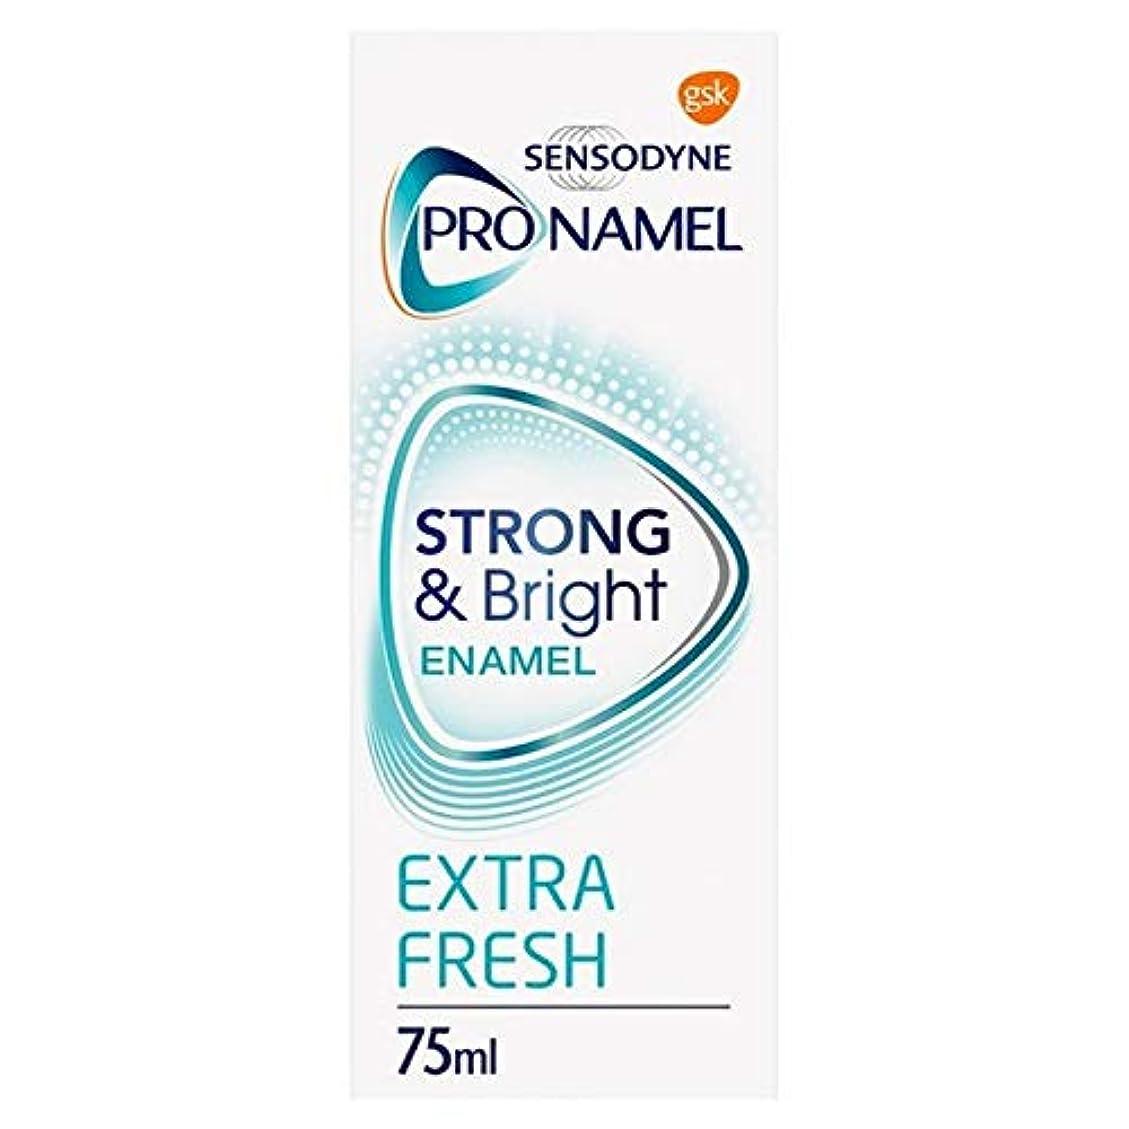 野ウサギ電話すずめ[Sensodyne] SensodyneのPronamel強い&ブライト歯磨き粉75ミリリットル - Sensodyne Pronamel Strong & Bright Toothpaste 75ml [並行輸入品]